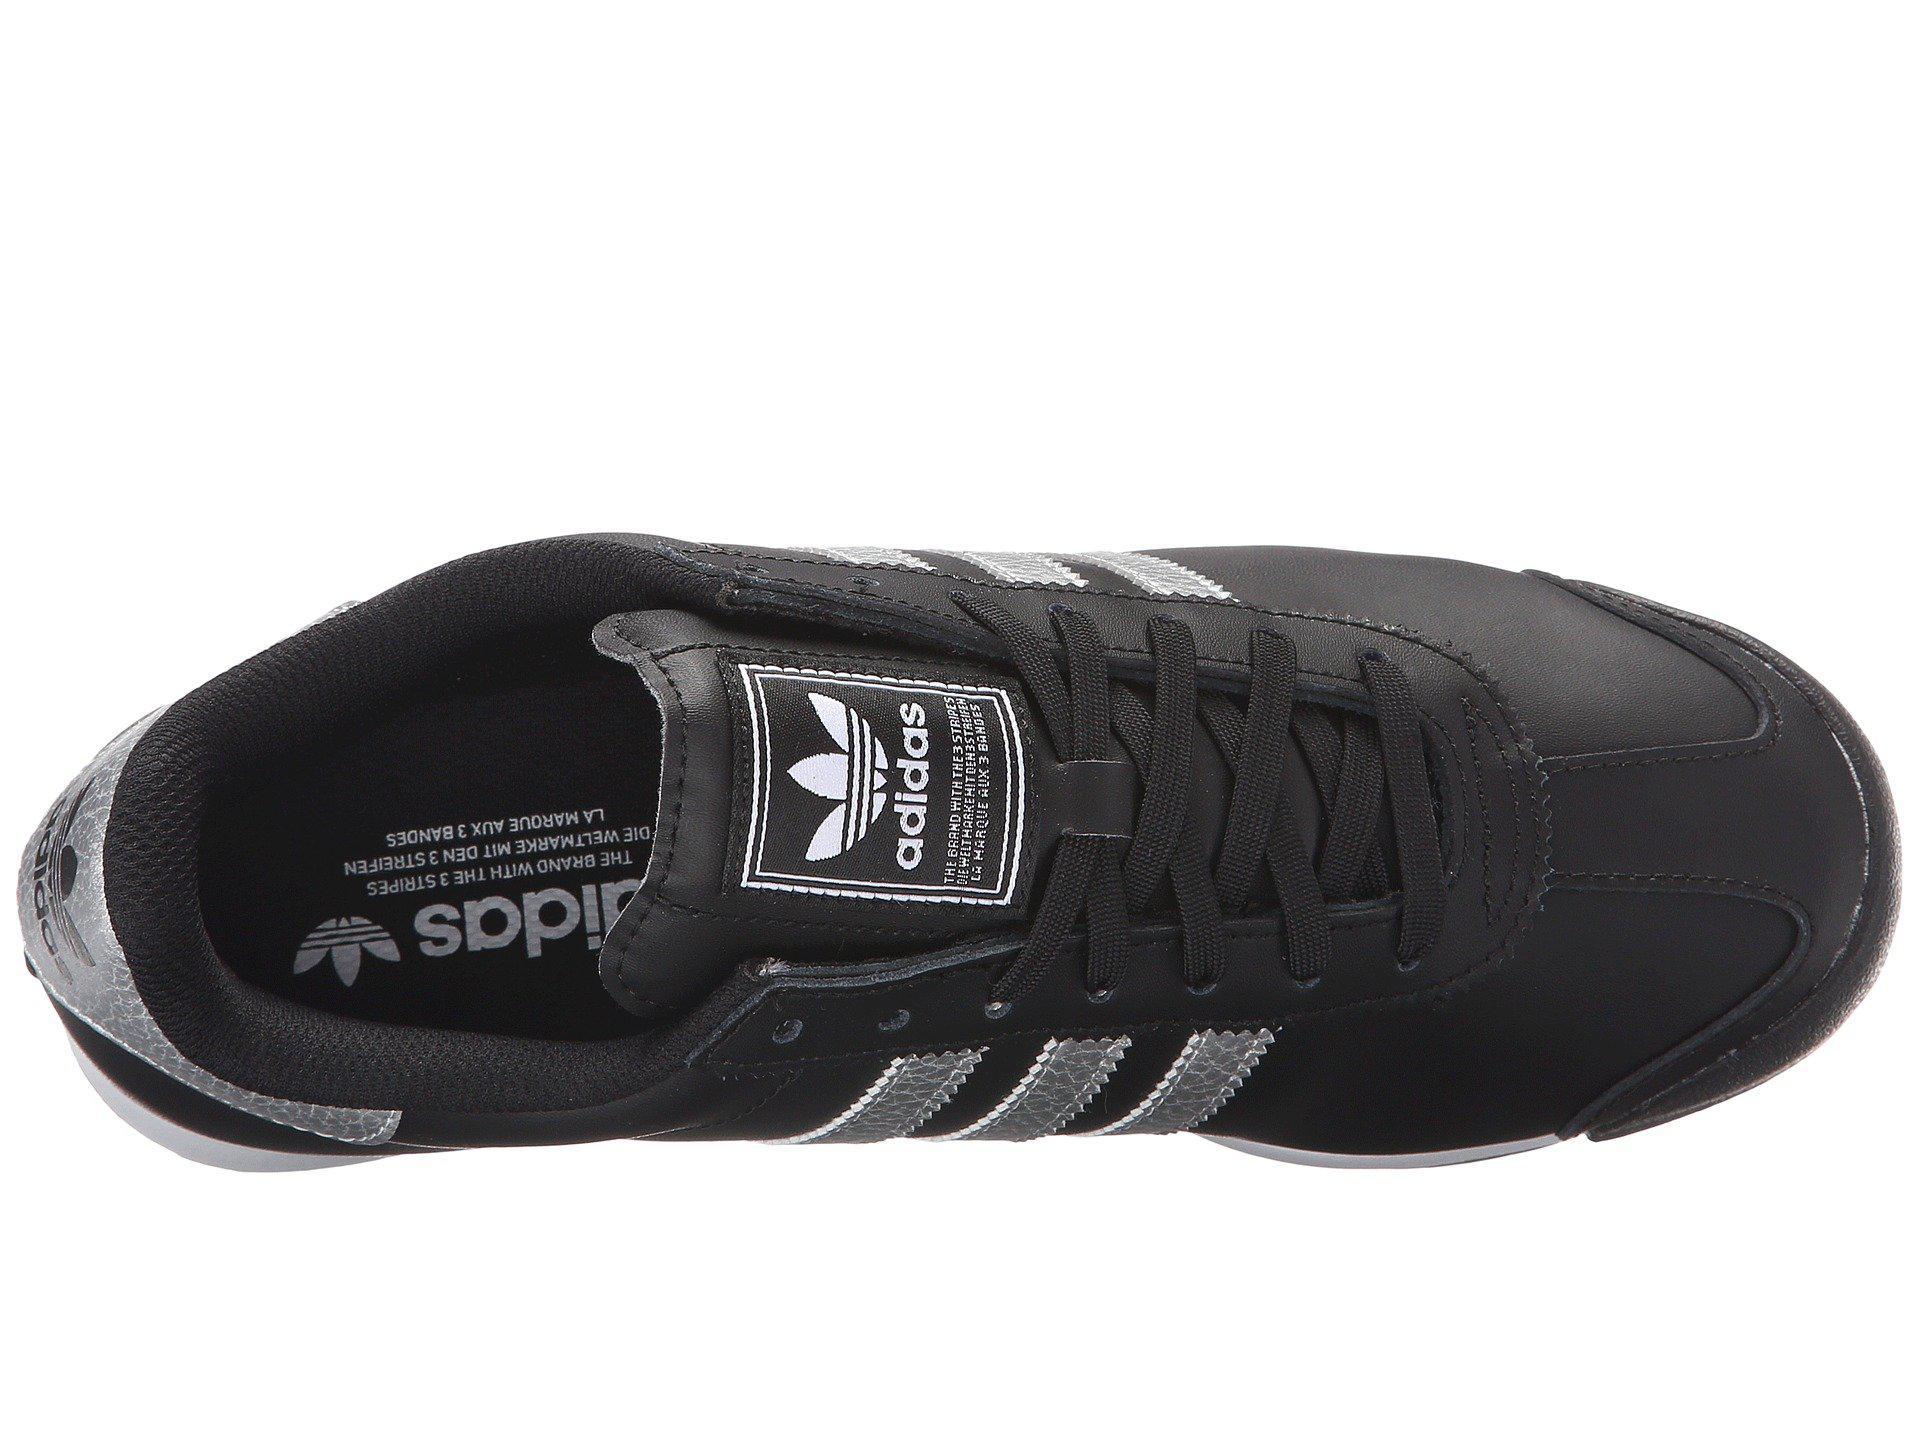 new product ecbdb e32a9 Lyst - adidas Originals Samoa Leather (core Black core Black core ...